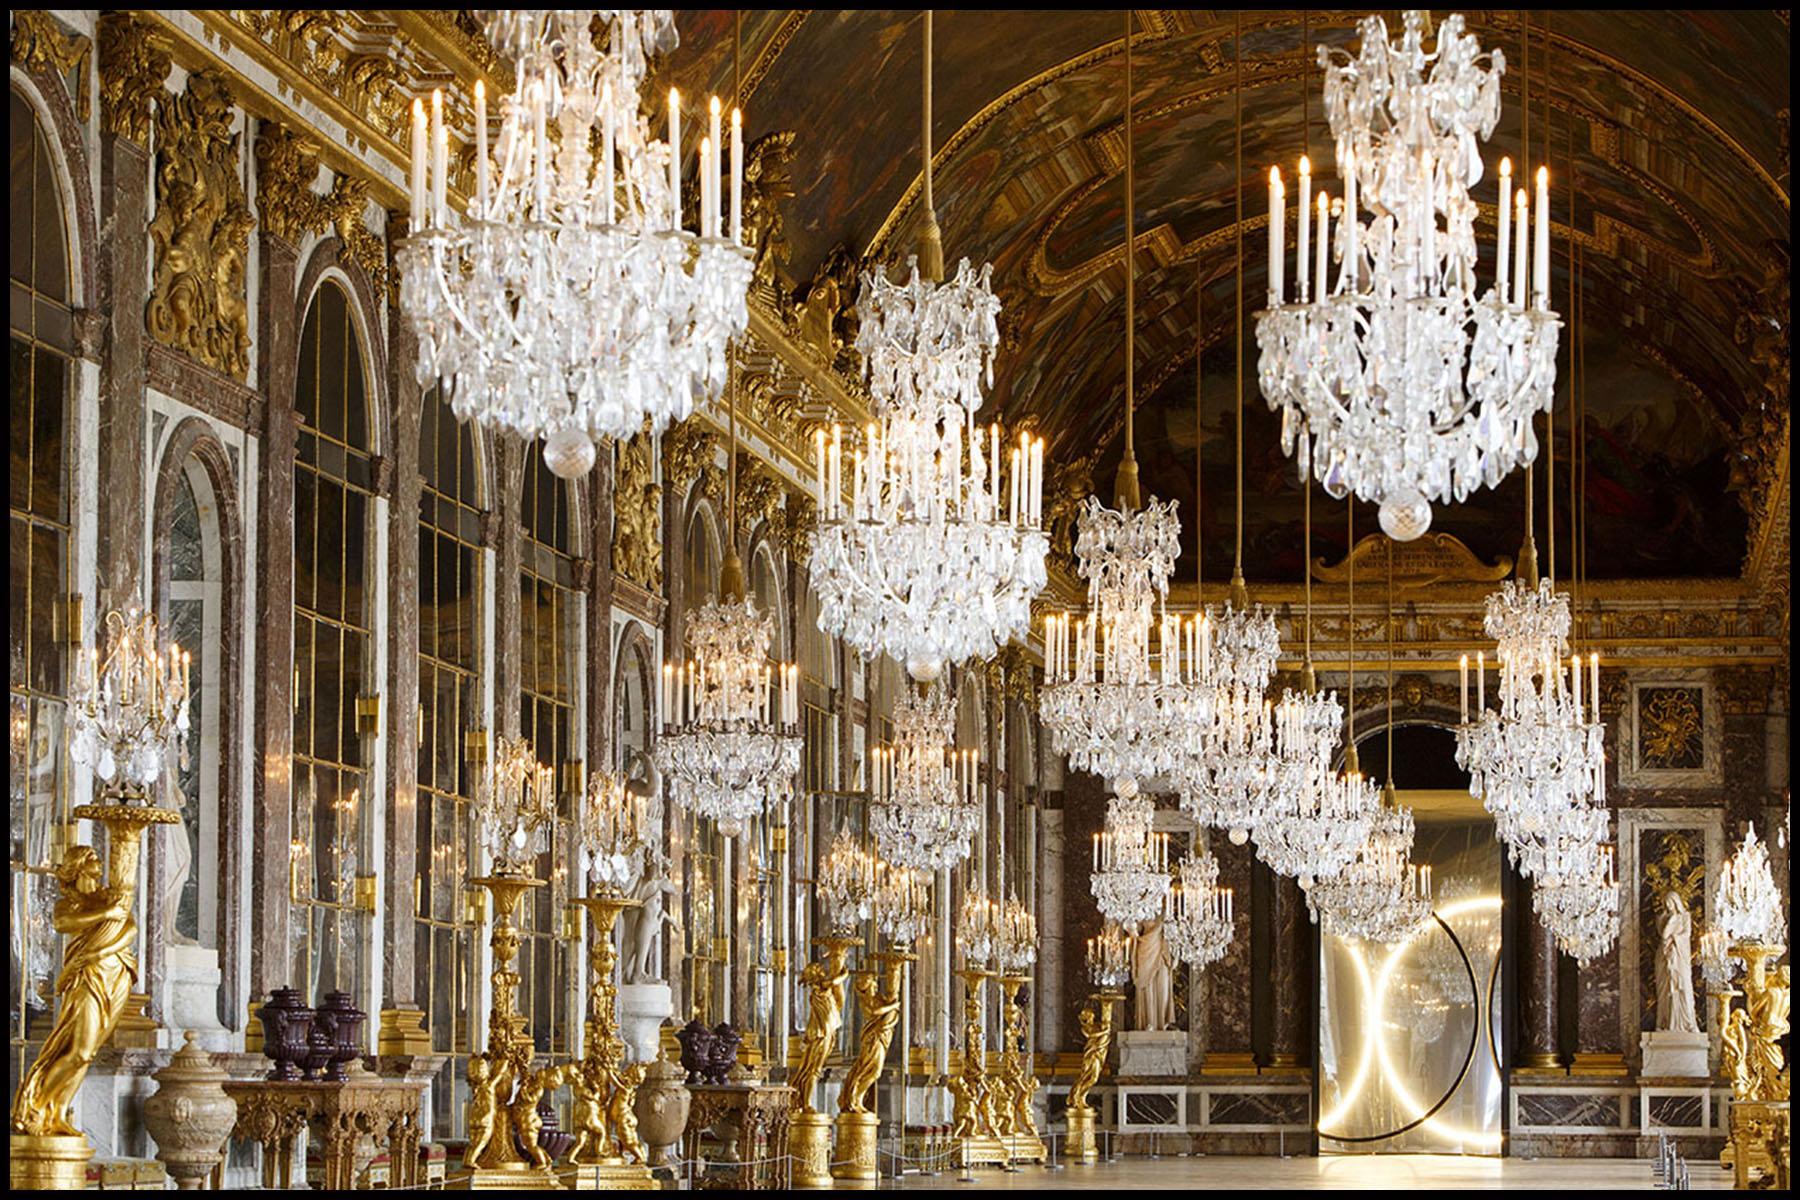 Les installations de l'artiste Olafur ELIASSON dans les salles du château de Versailles et dans les jardins.